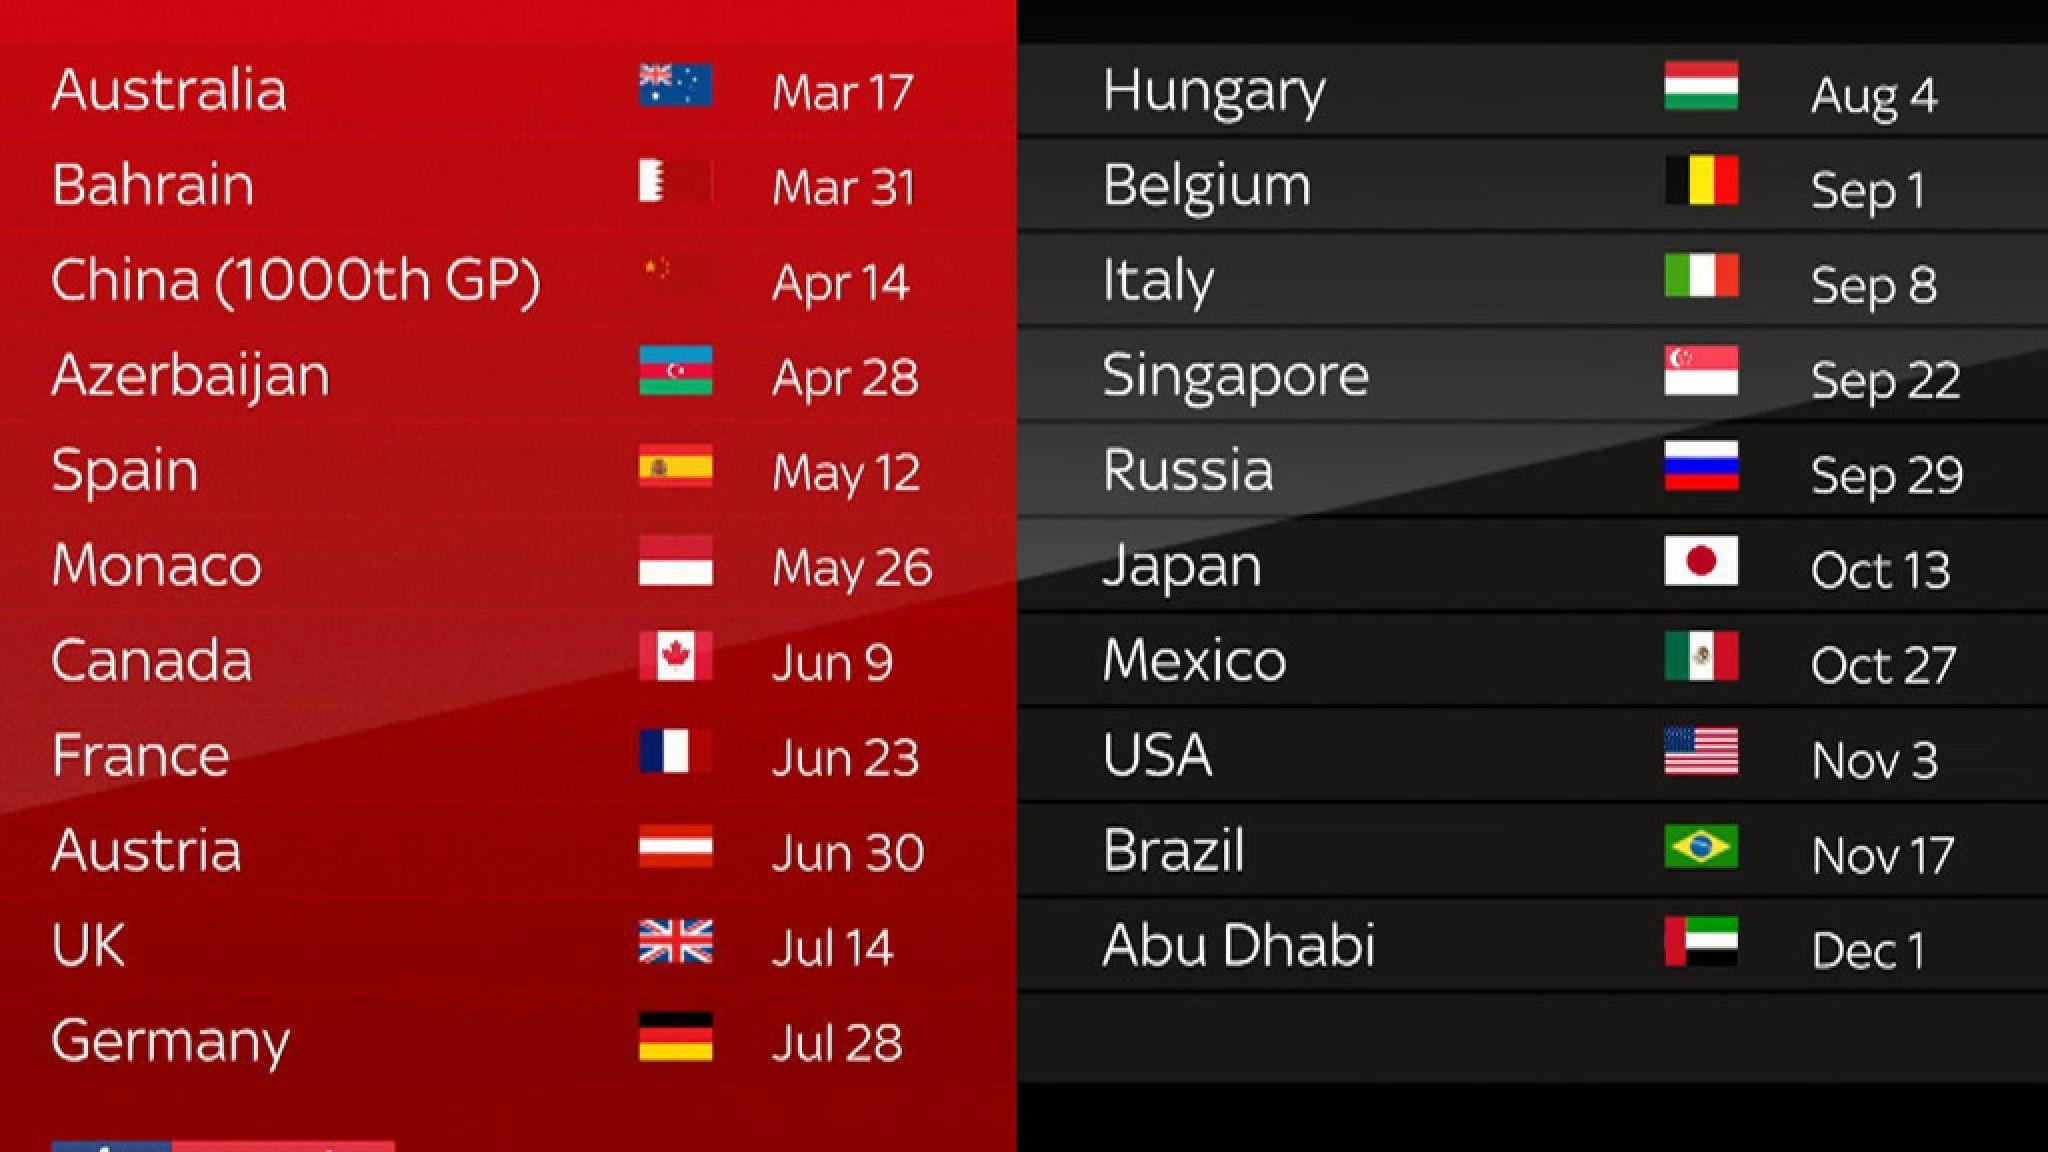 Formula 1 Schedule 2020.F1 Schedule 2020 F1 2020 Schedule Record 22 2019 08 15